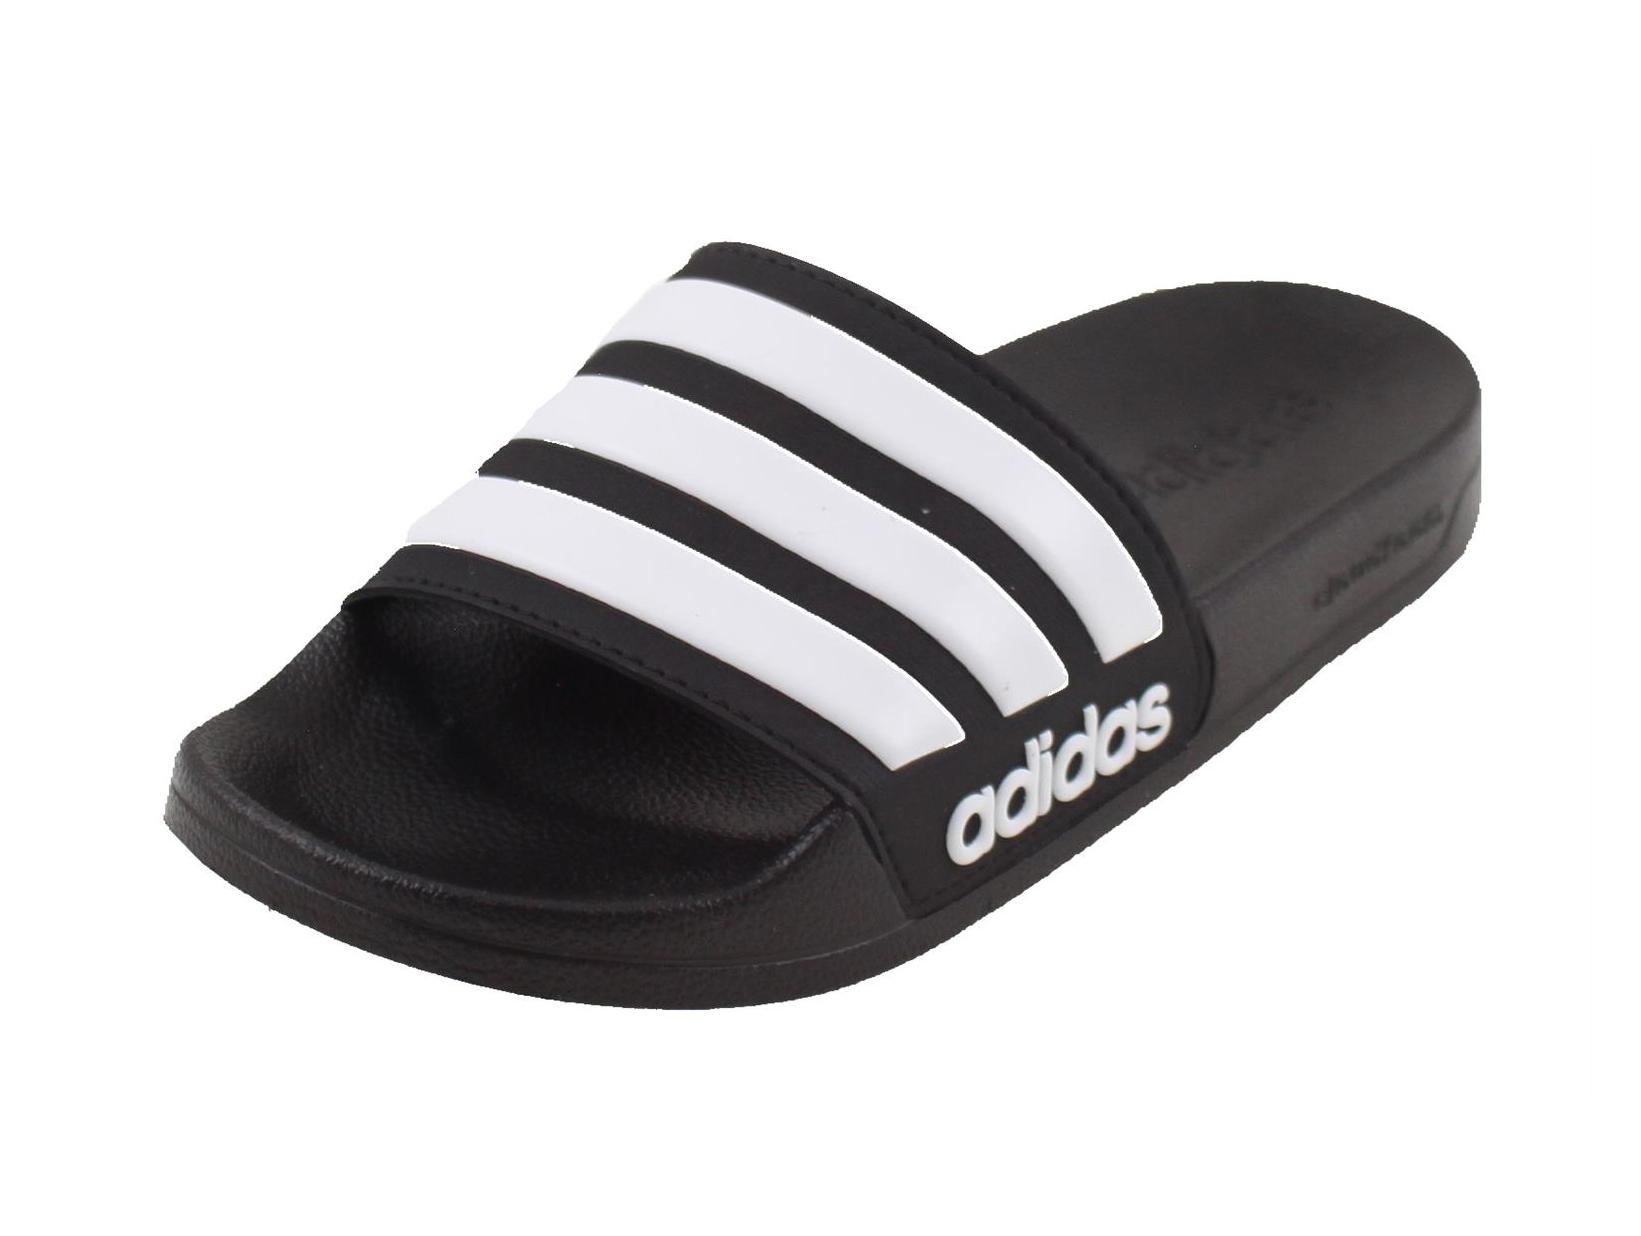 b4f9bb33ff7 Adidas Adilette Cloudfoam Badslipper ZWART/WIT online kopen bij ...